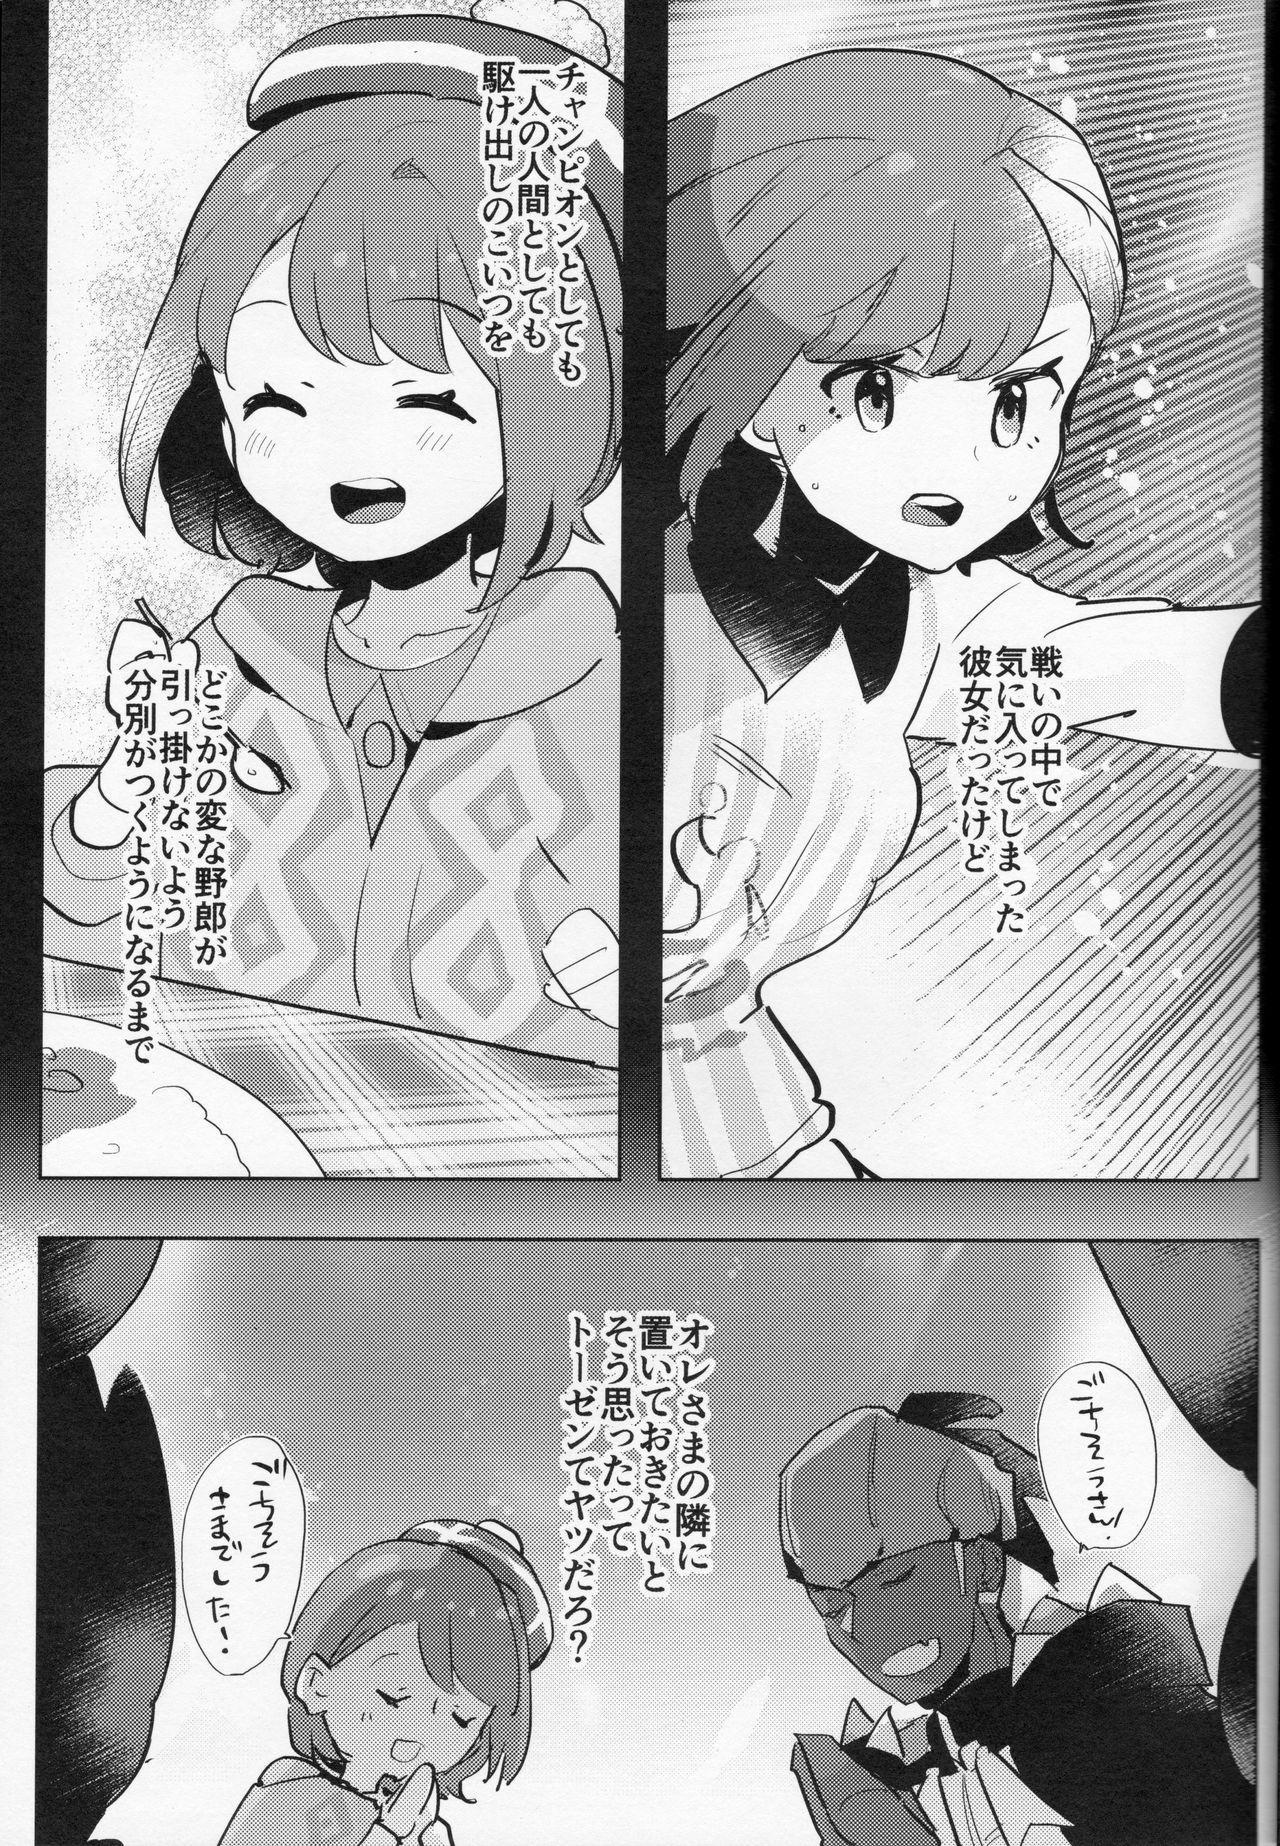 Futa x Otoko Book 5